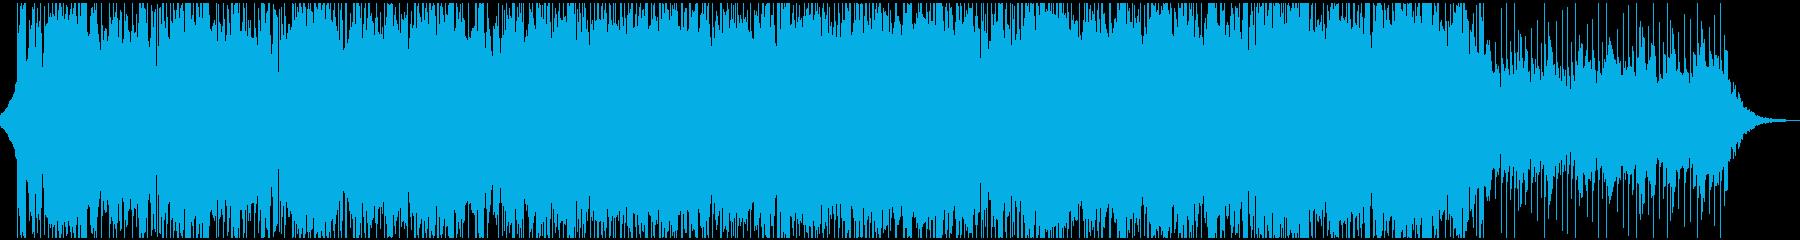 切ないコーポレート系BGMの再生済みの波形